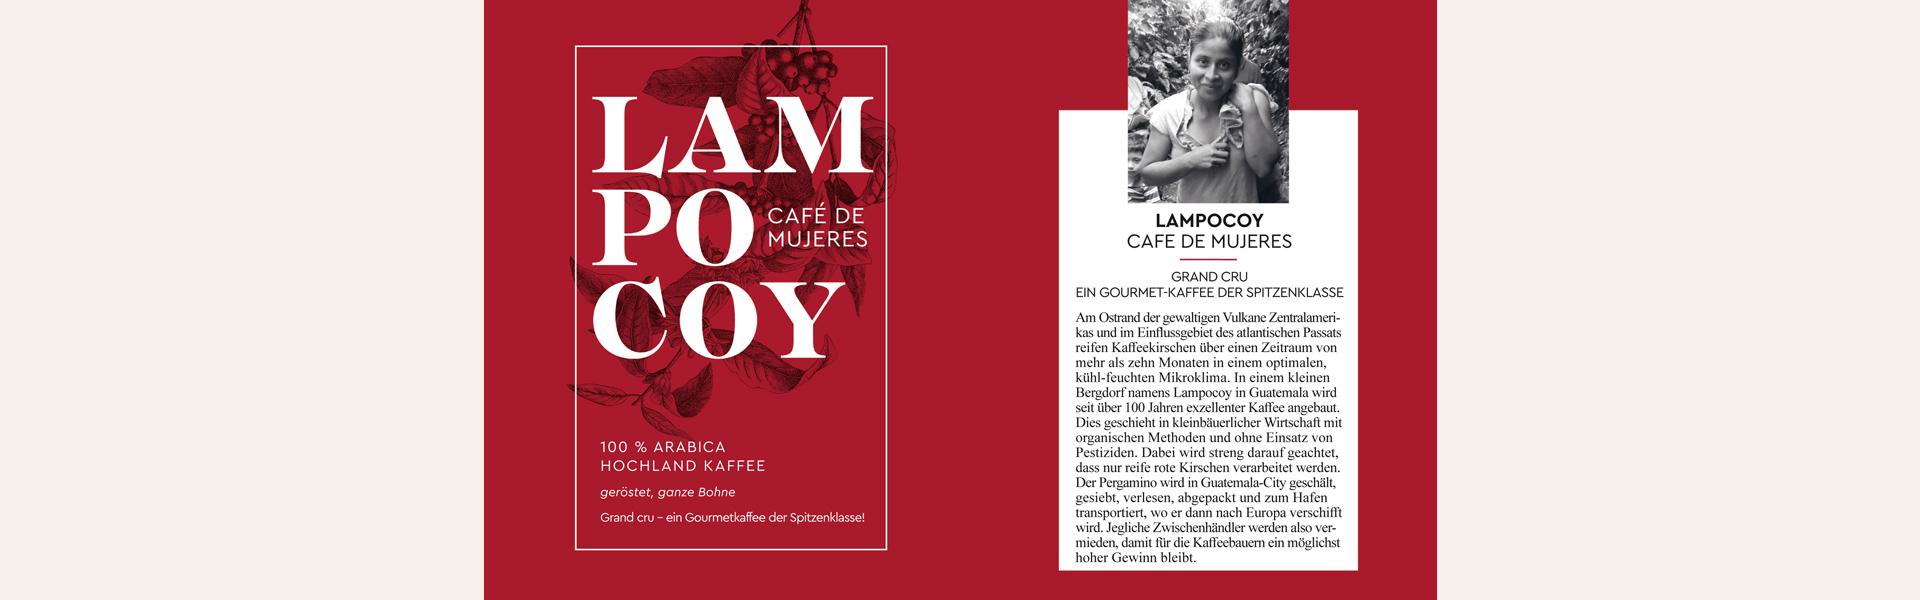 Slider10_Qi-Point-WL-Lampocoy_Cafe-de-Mujeres